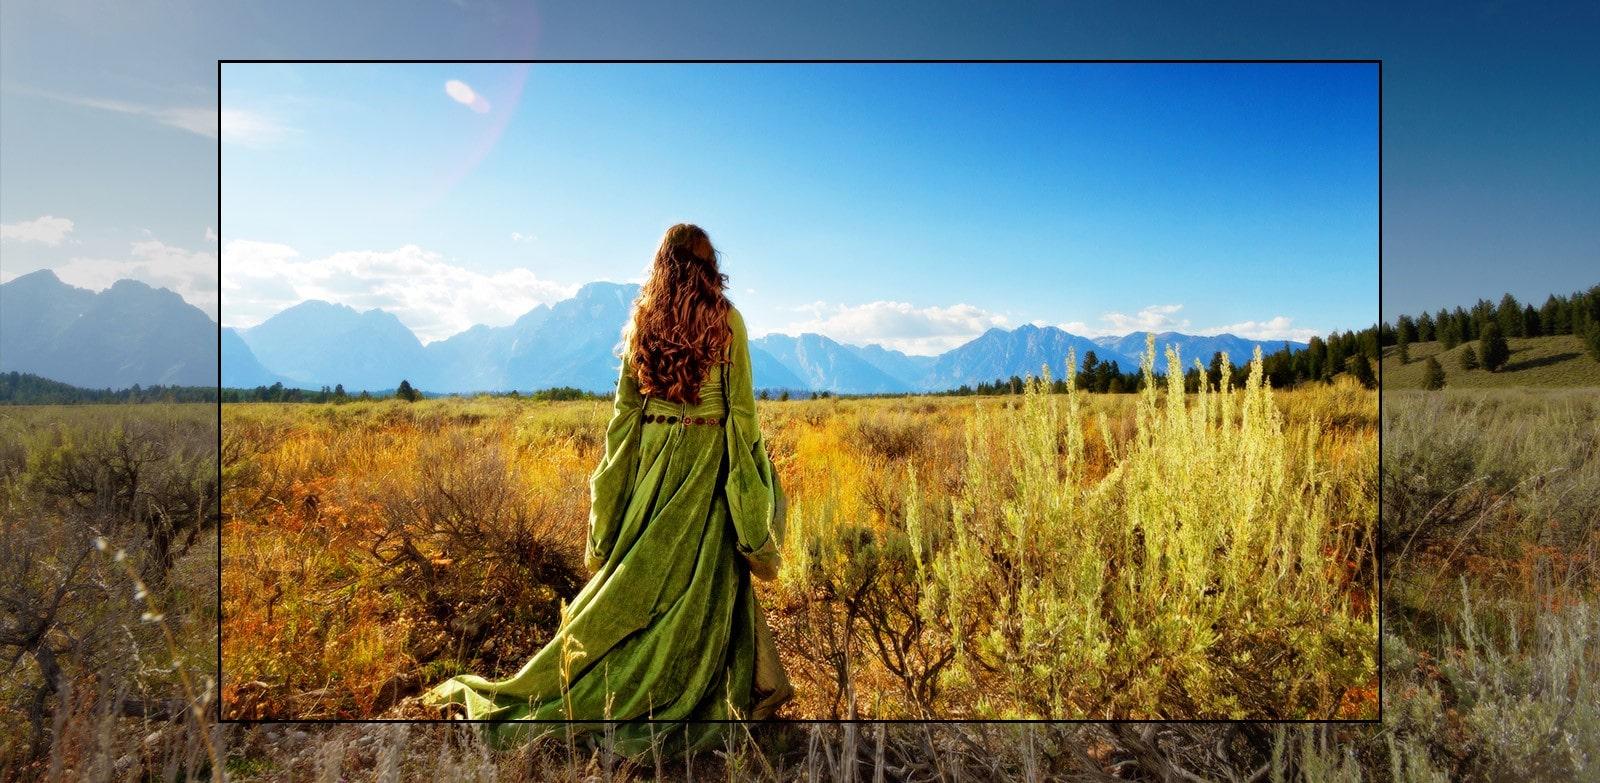 На экране телевизора показана сцена из фантастического фильма, где женщина стоит в поле лицом к горам.